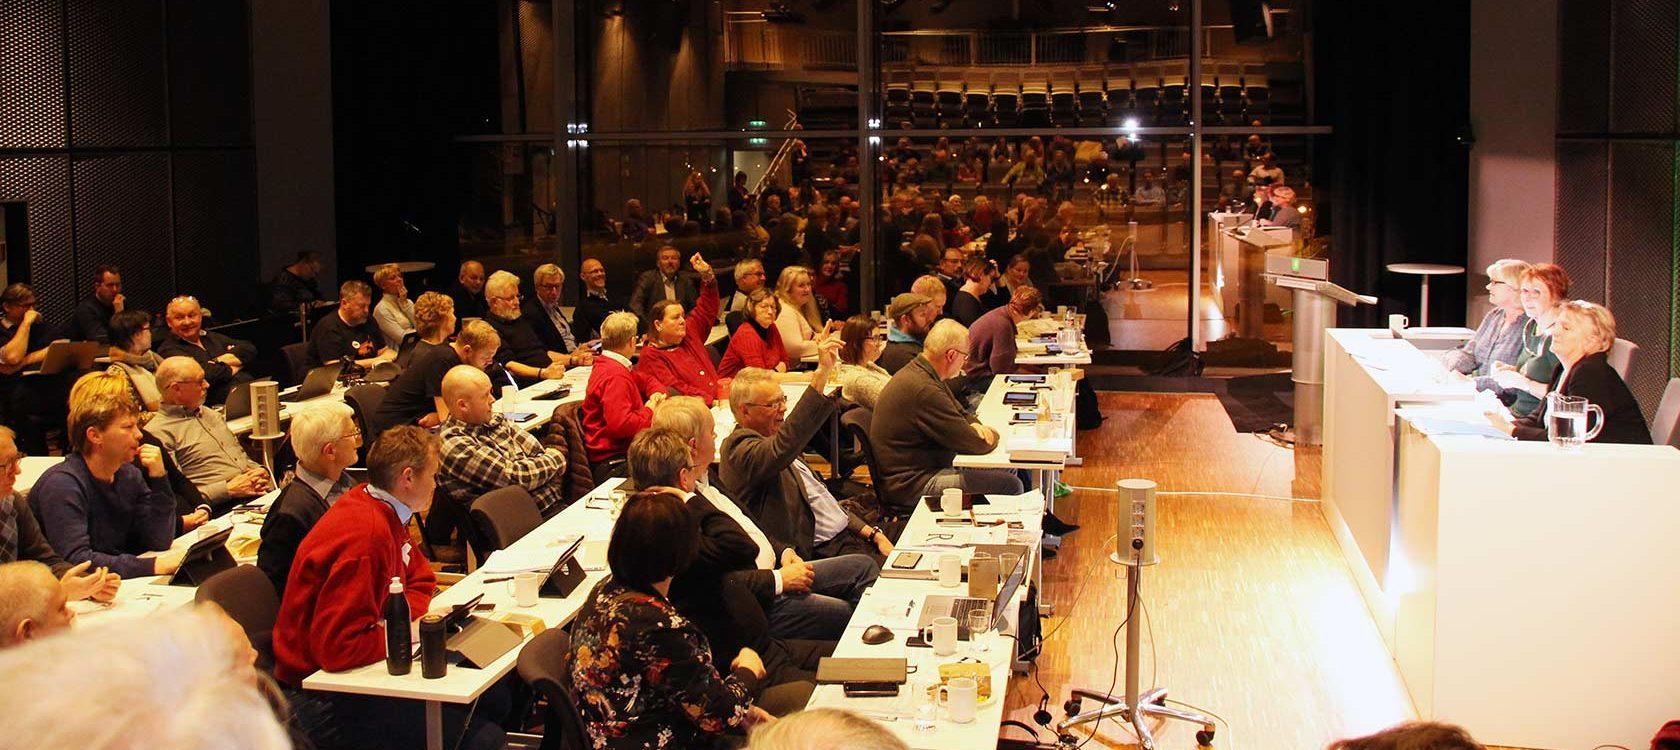 Kommunestyret i Kongsberg vedtok reguleringsplanen for Vestsiden ungdomsskole i sitt møte 13. desember.